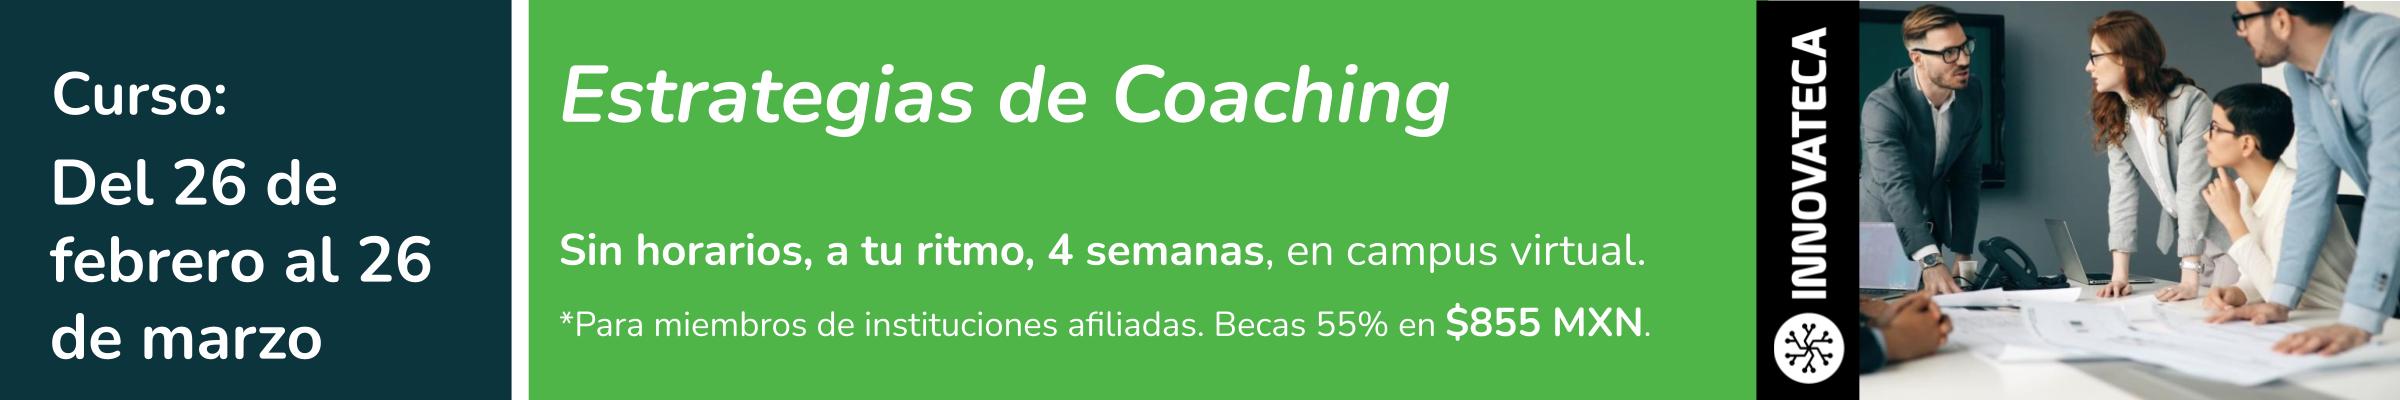 Curso Innovateca. Estrategias de Coaching. Feb21